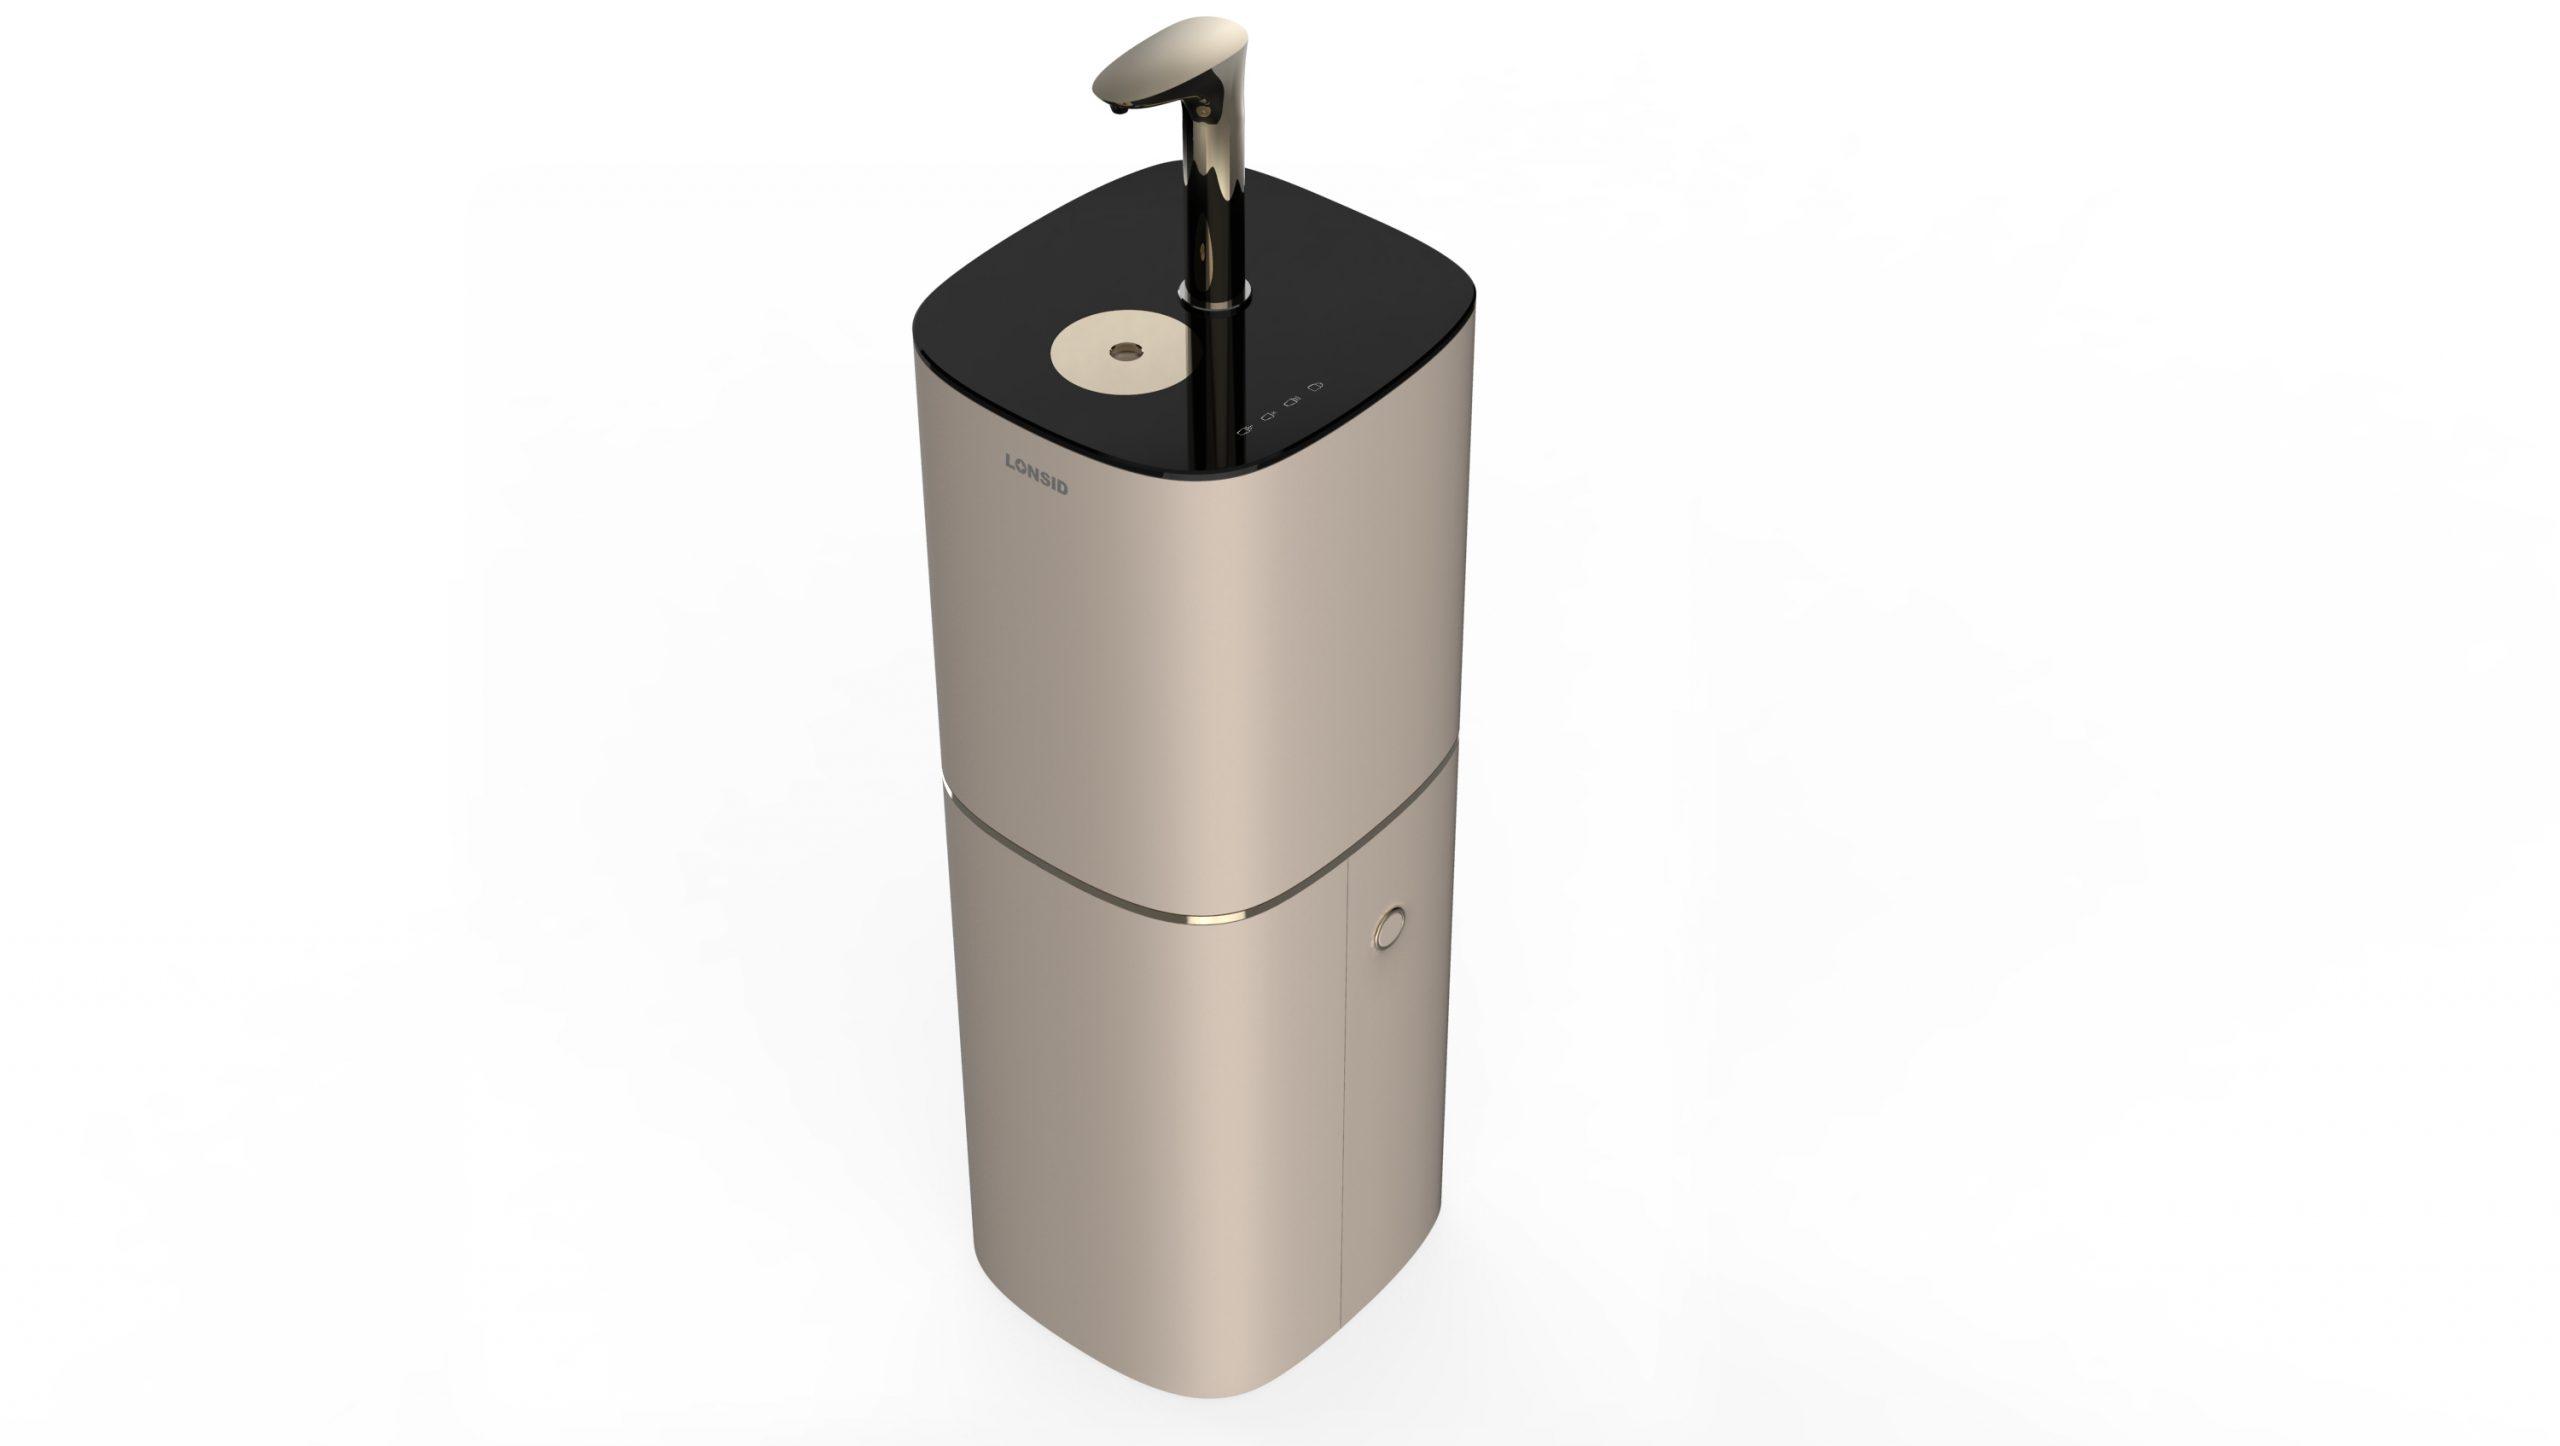 工业设计-上海工业设计公司-即禾设计-饮水机